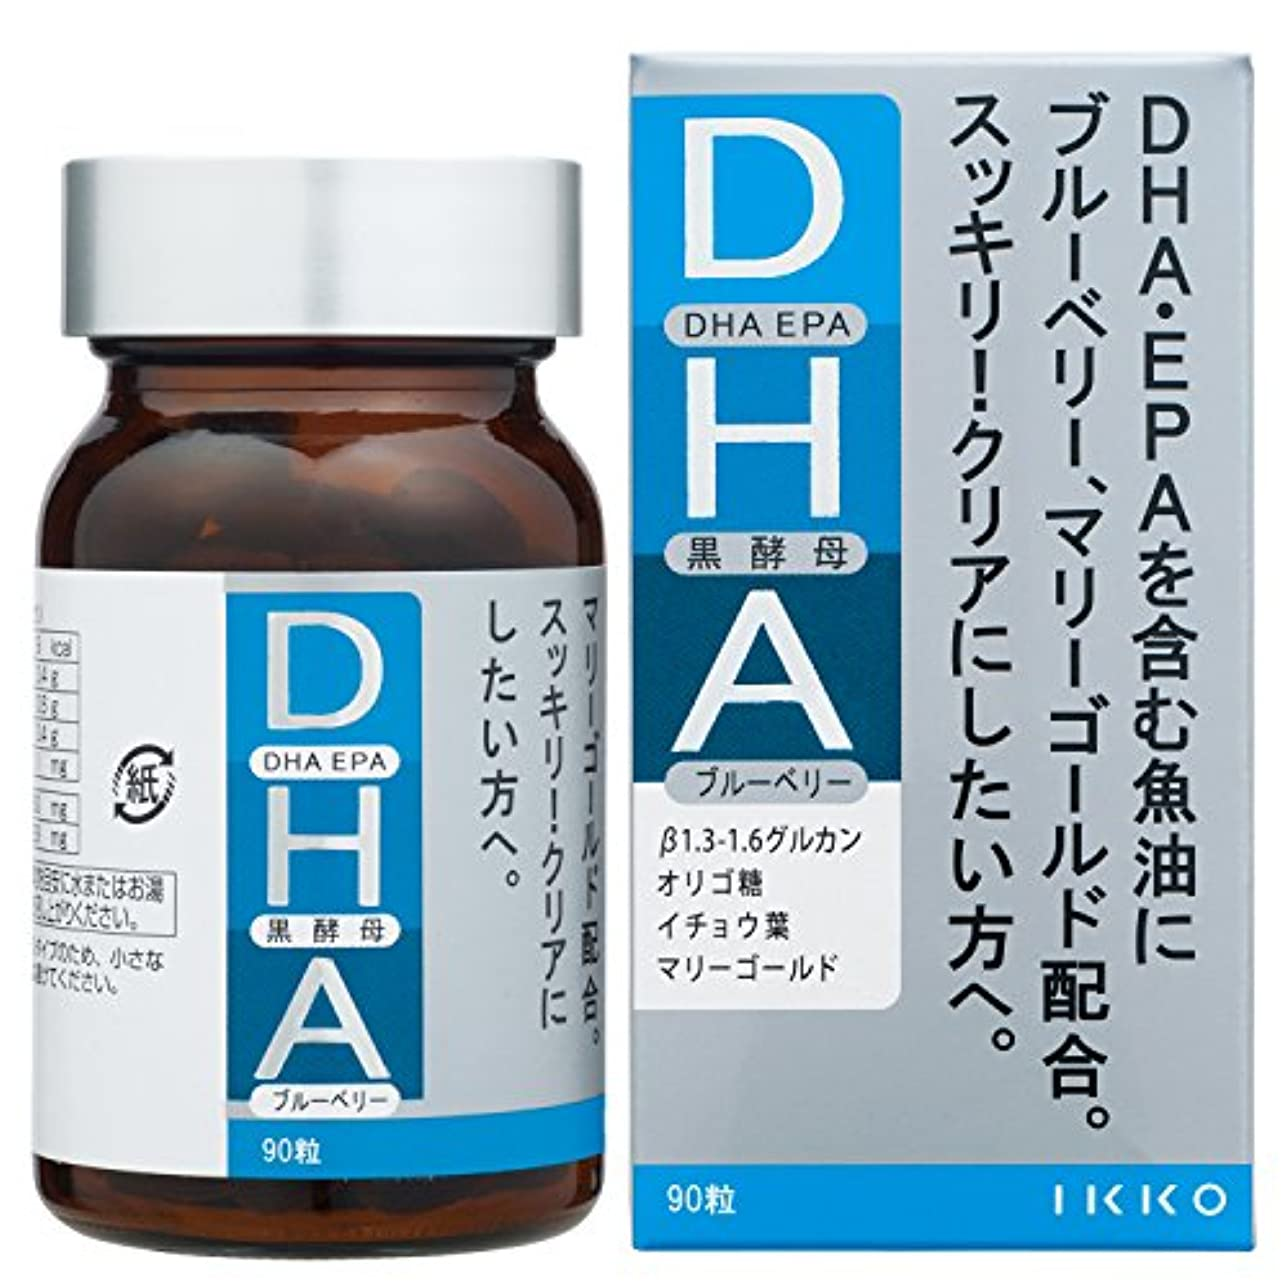 ほこりっぽい表示異常な一光化学 DHA 90粒入